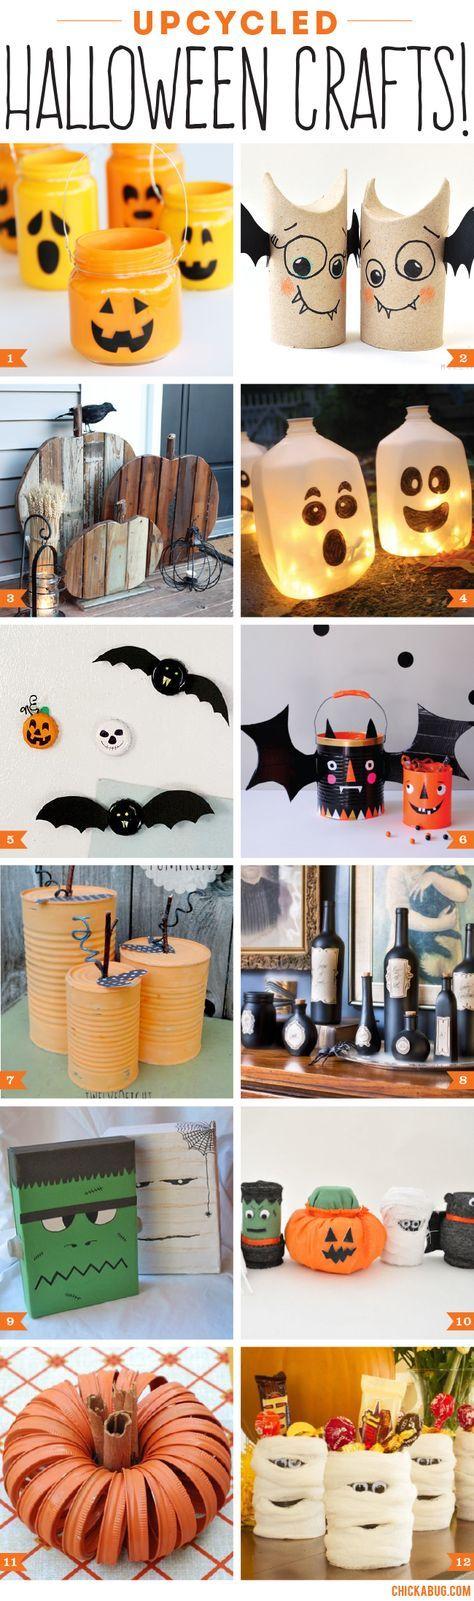 Amato Oltre 25 fantastiche idee su Zucche intagliate su Pinterest  LP71